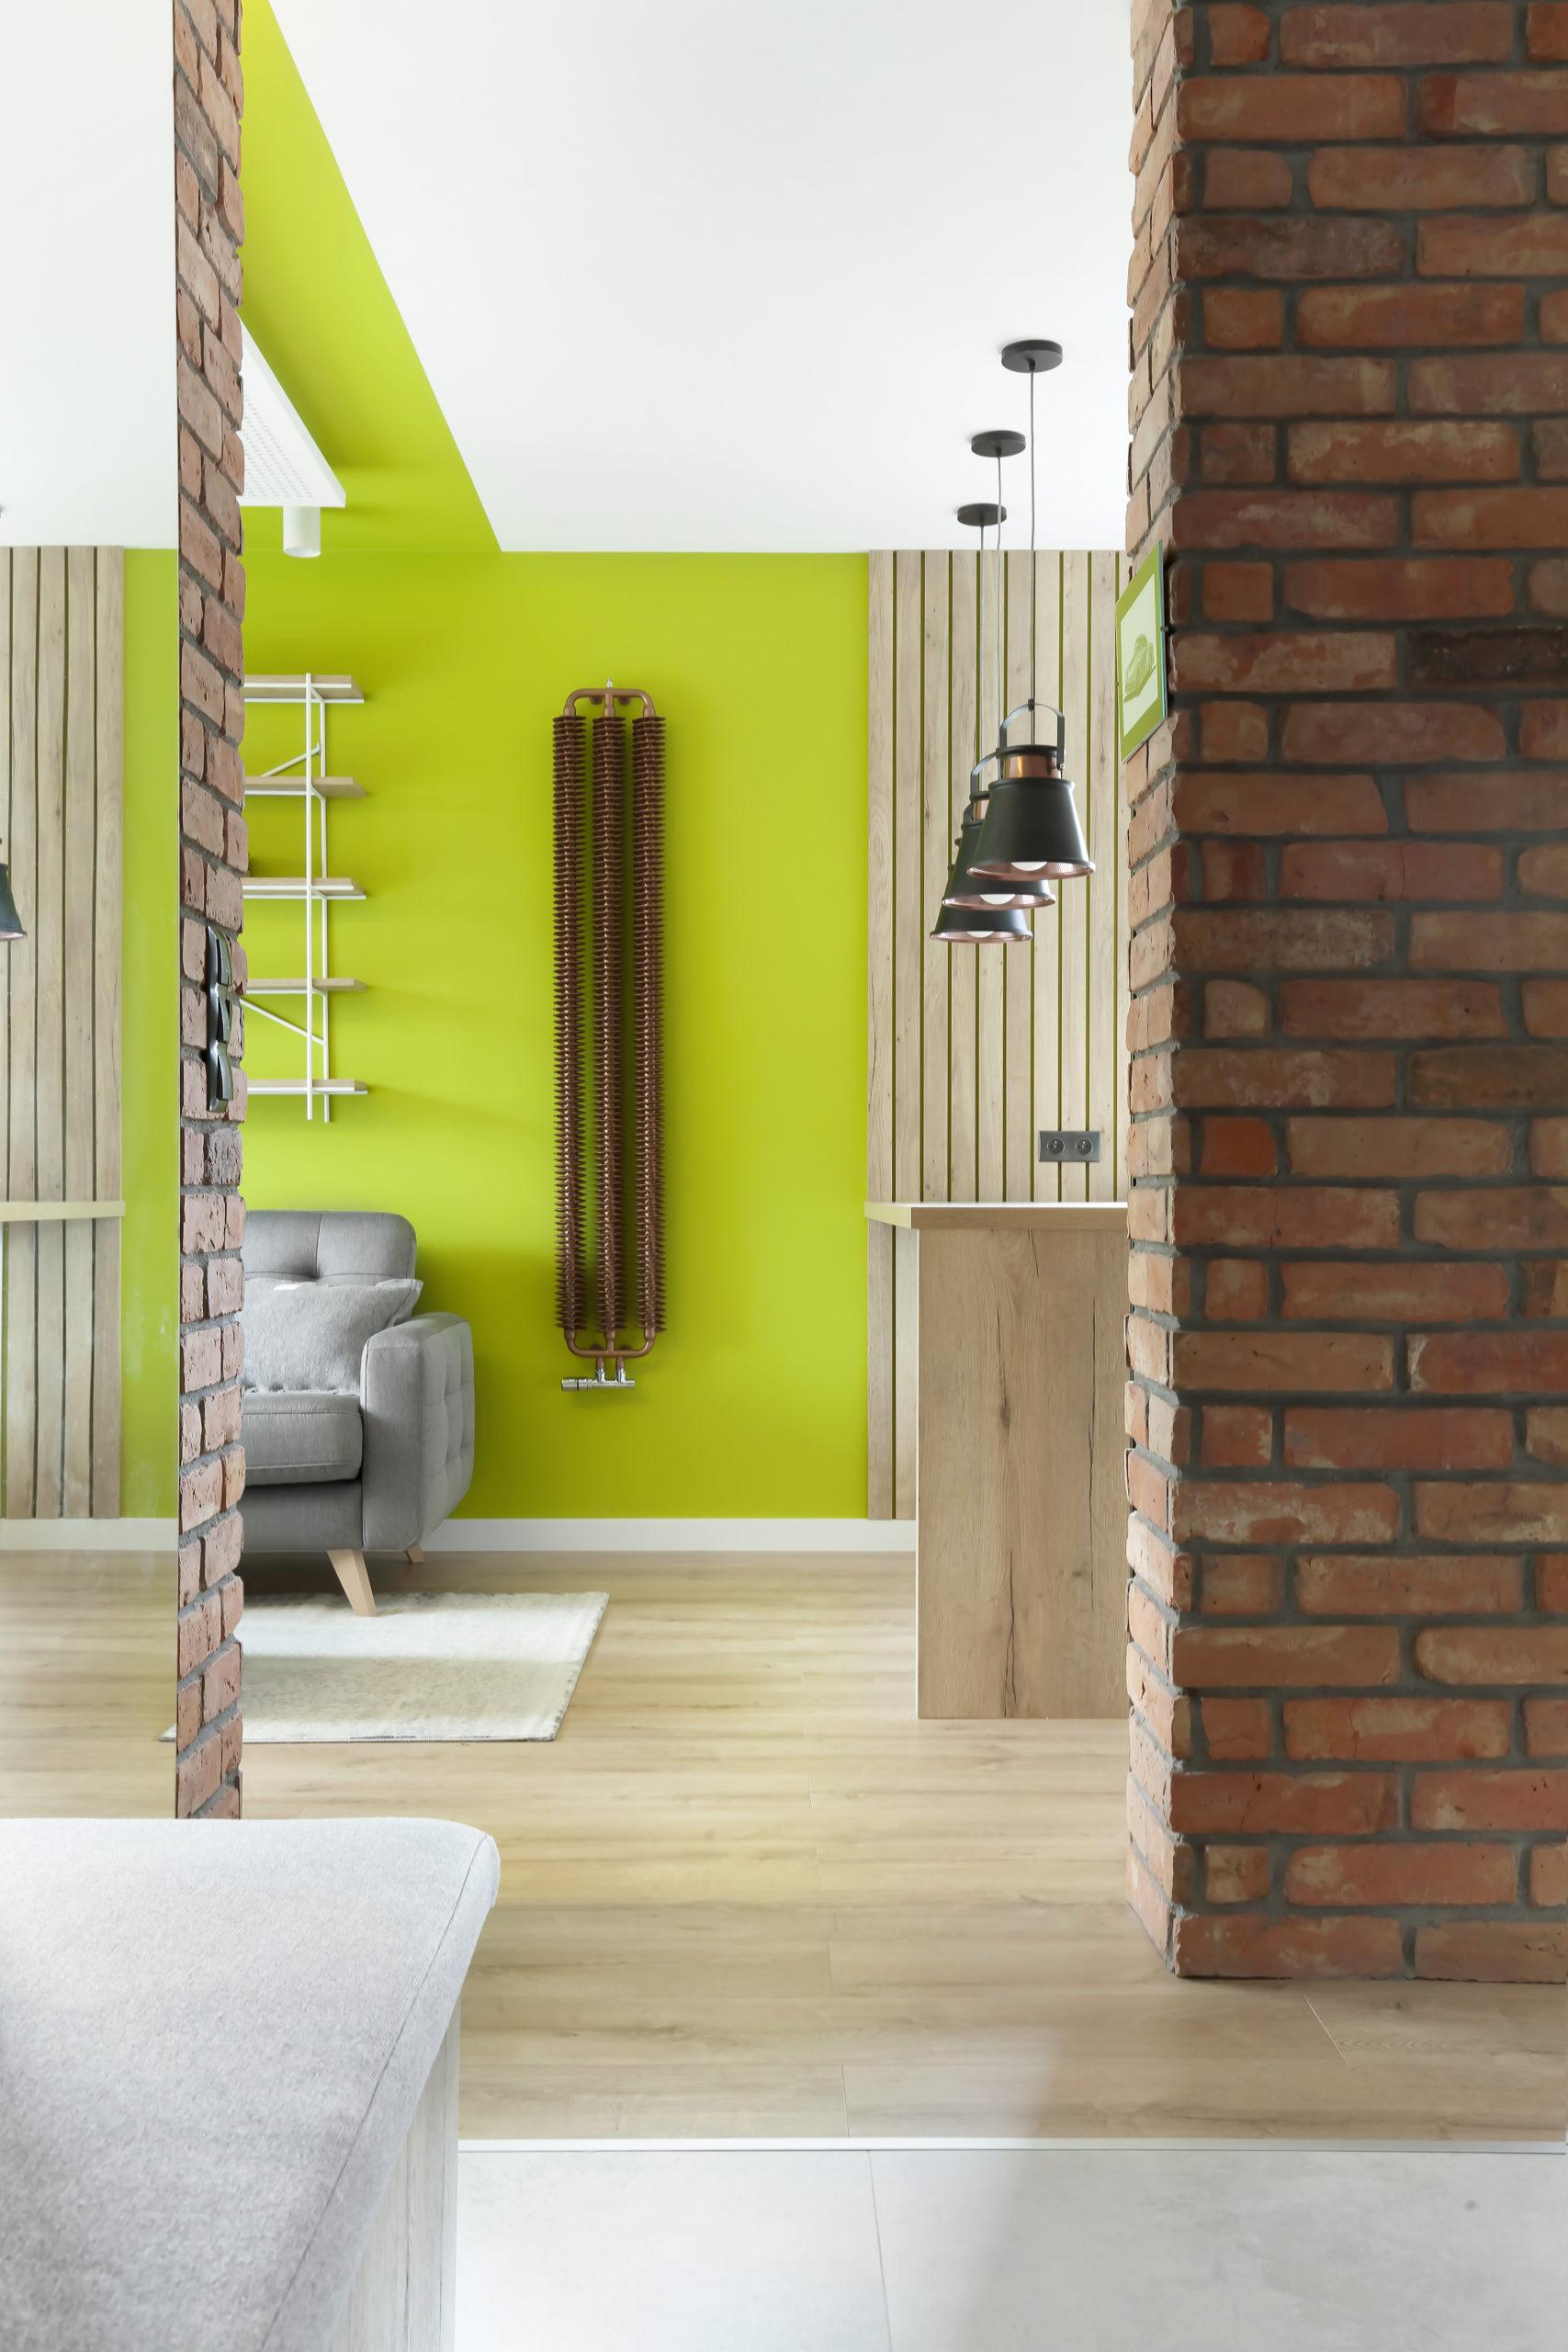 salon w stylu nowoczesnym - zielone ściany i cegła dekoracyjna